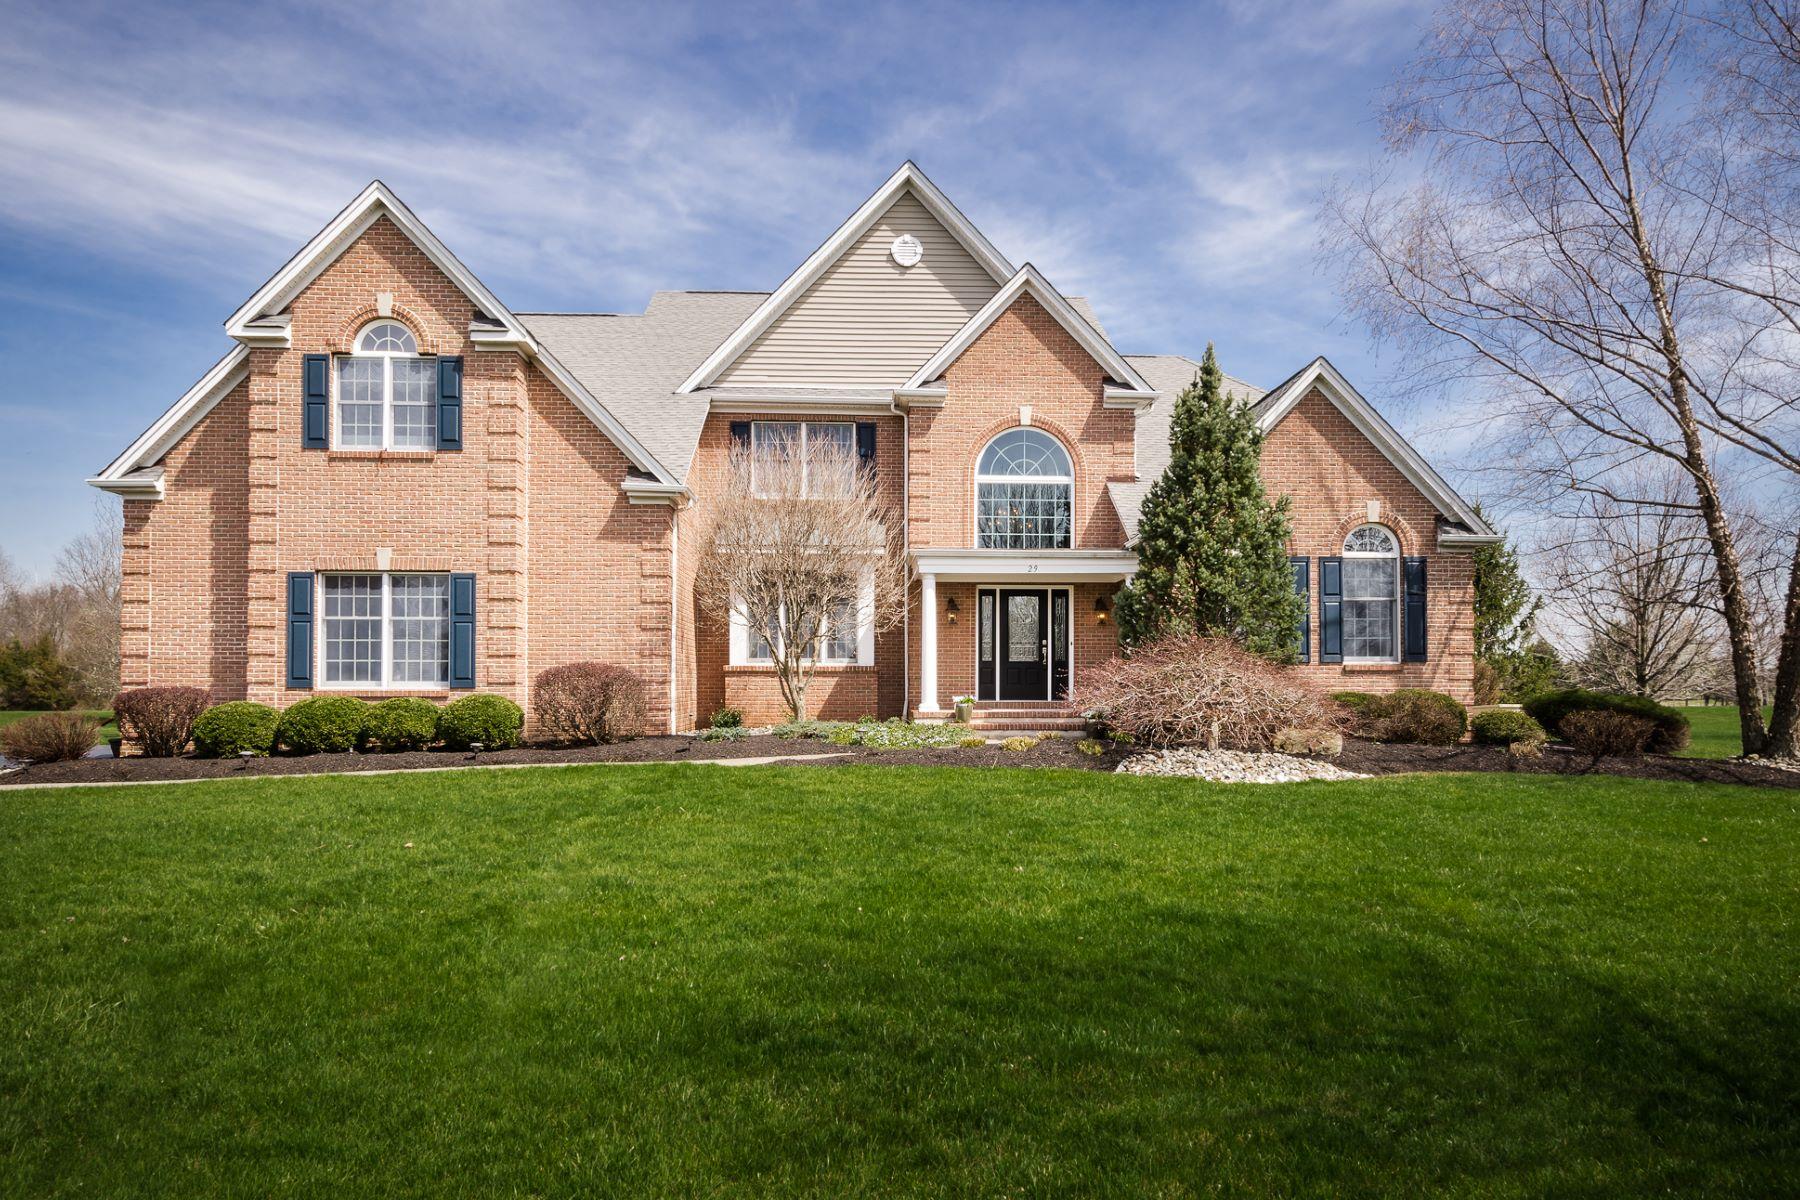 独户住宅 为 销售 在 Come Home To This Fabulous House - Montgomery Township 29 Titus Road 斯基尔曼, 08558 美国